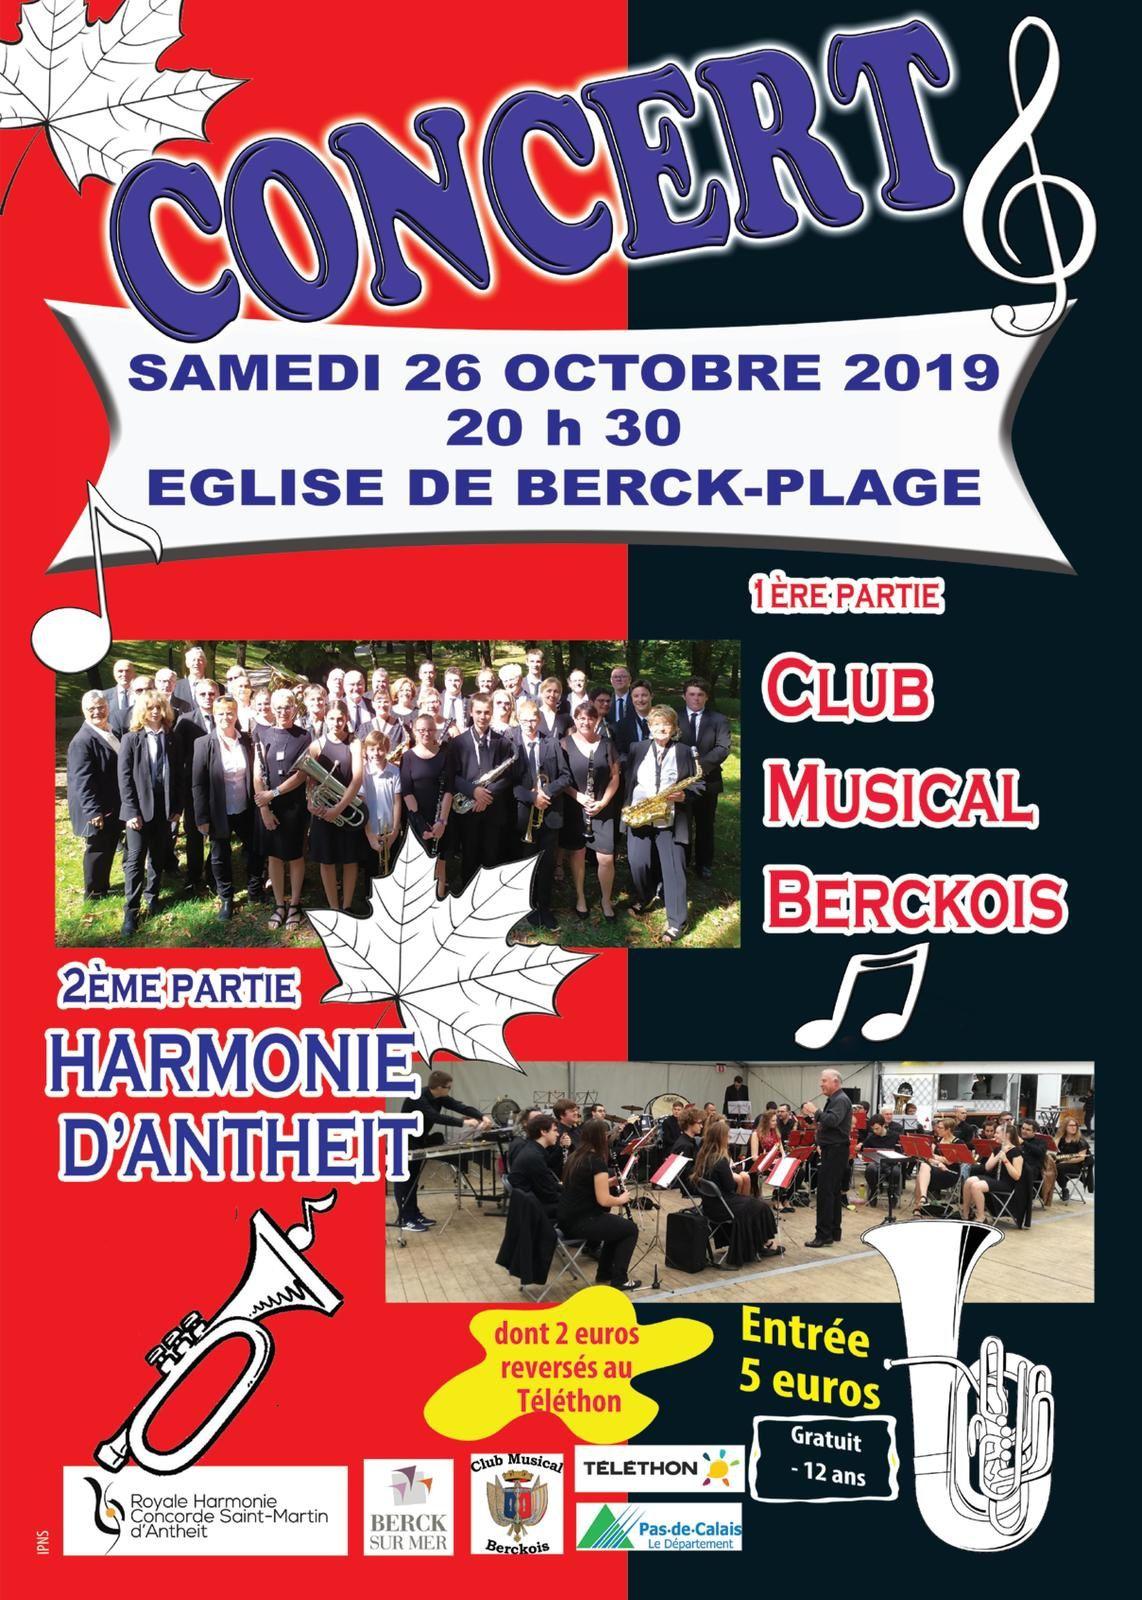 Concert en l'Eglise Notre Dame des Sables - Samedi 26 octobre 2019 à 20h30